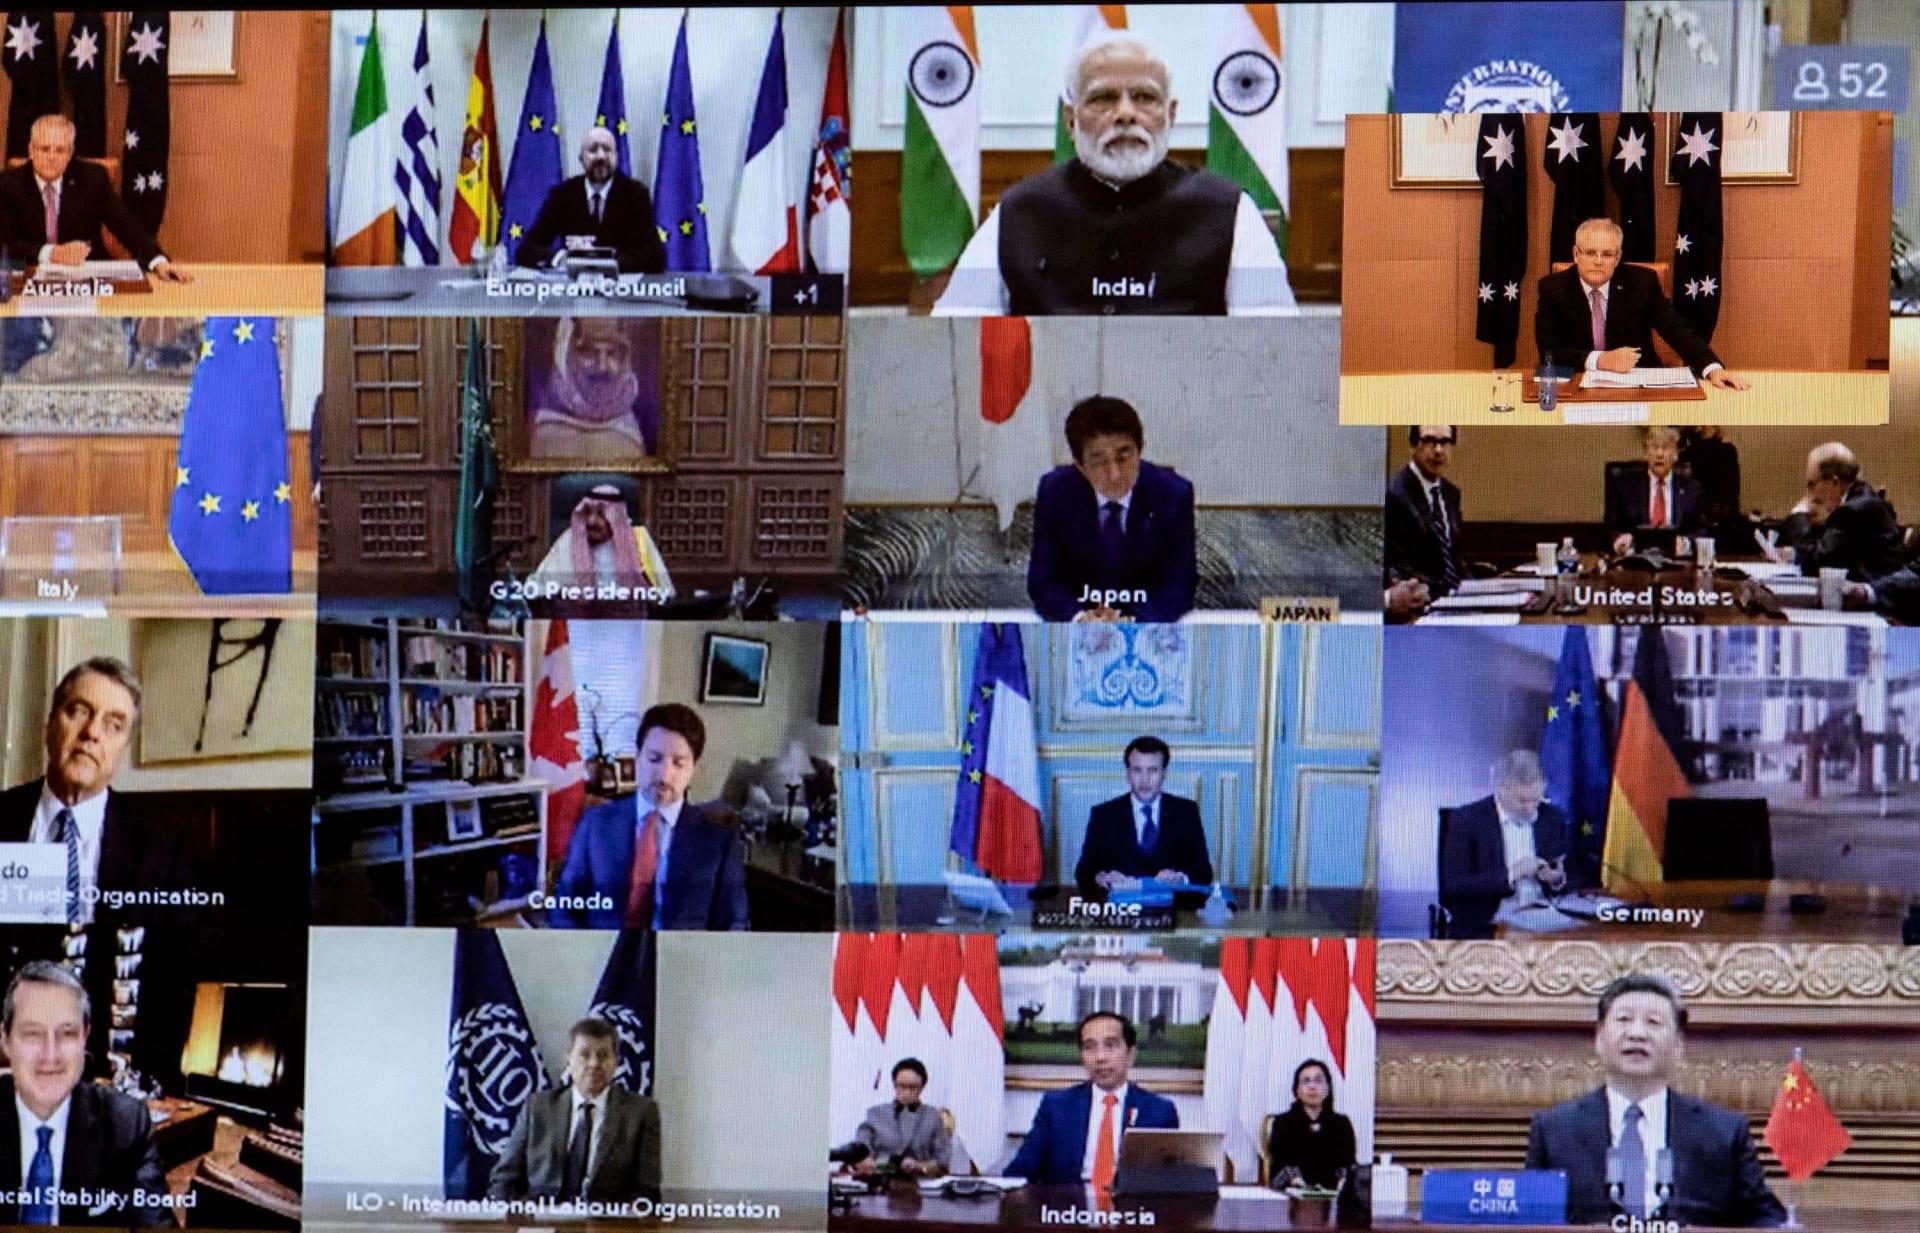 صورة من اجتماع قادة مجموعة العشرين الافتراضي لمواجهة أزمة انتشار فيروس كورونا